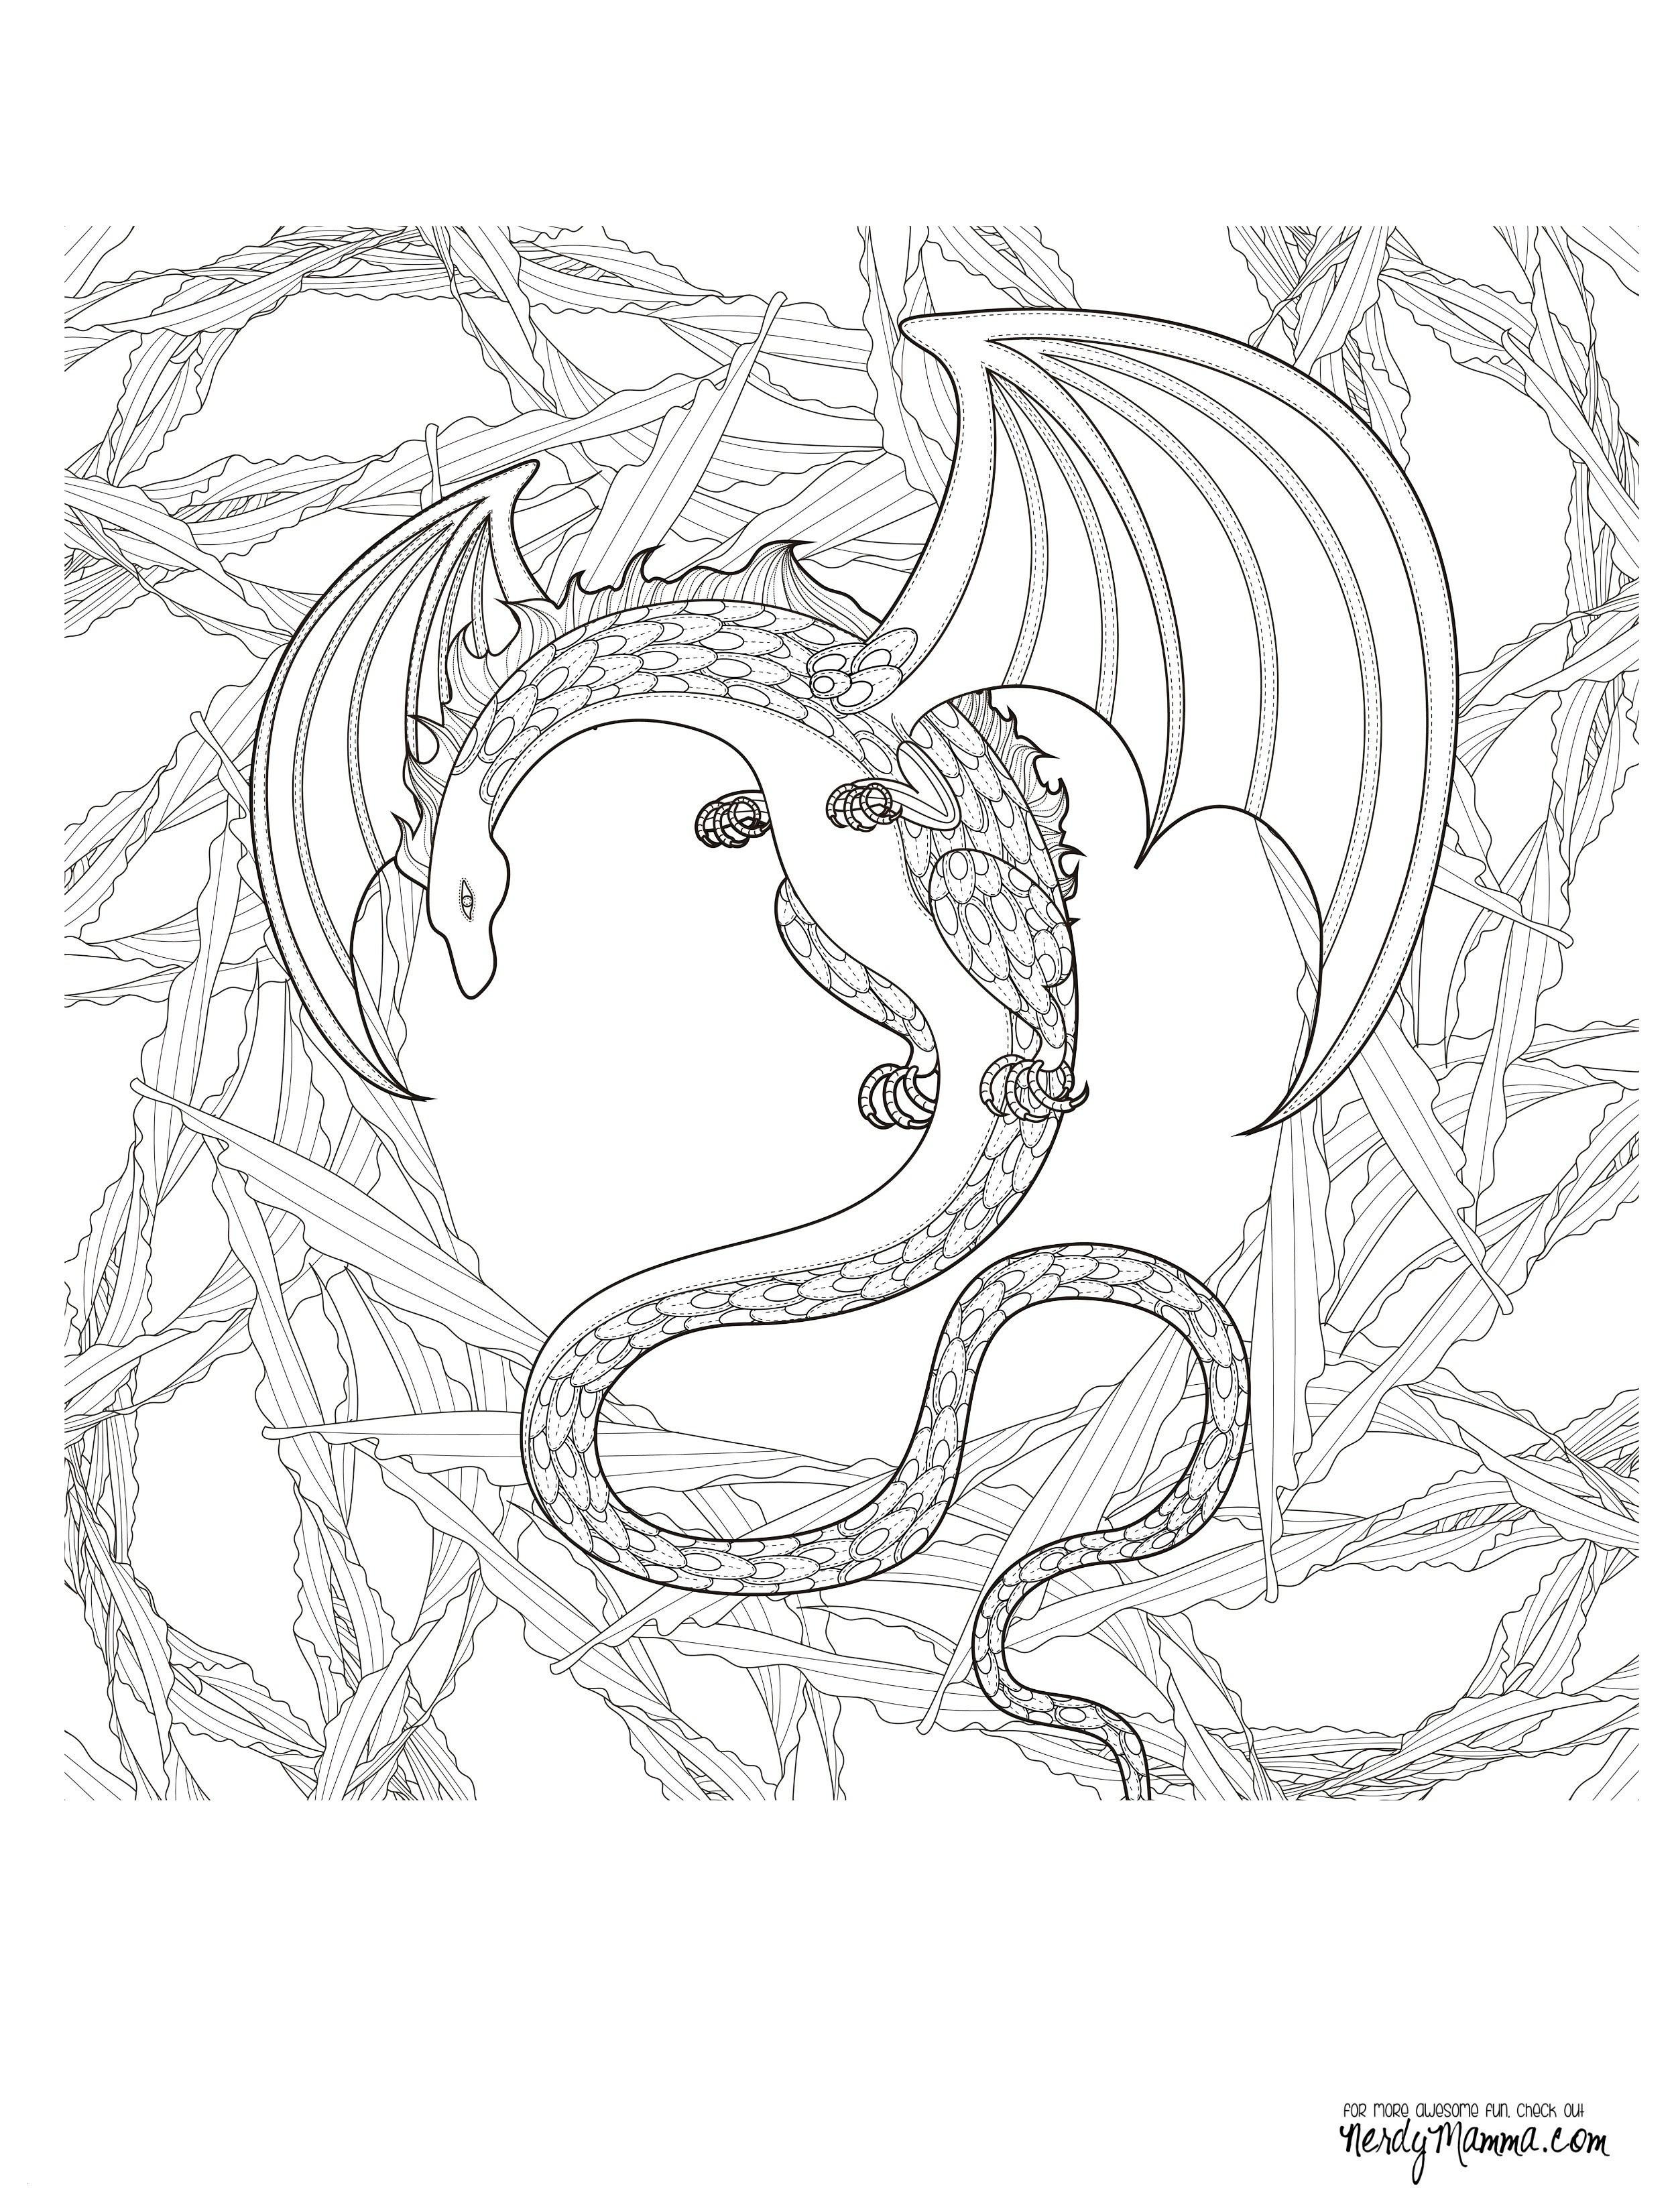 Ausmalbilder Weihnachten Eule Das Beste Von Ausmalbilder Weihnachten Mandala Einzigartig 45 Einzigartig Das Bild